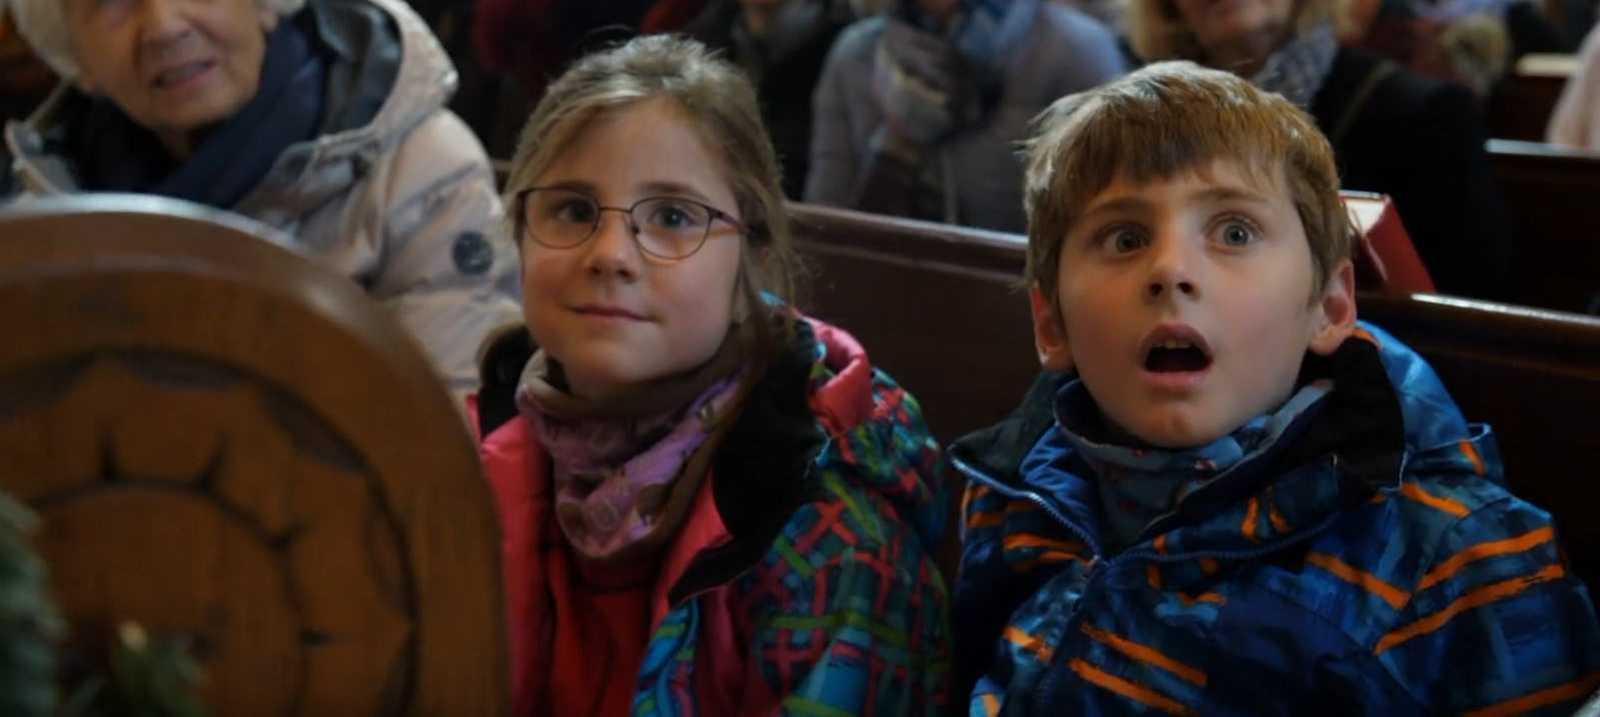 Kinder in einer Kirchenbank